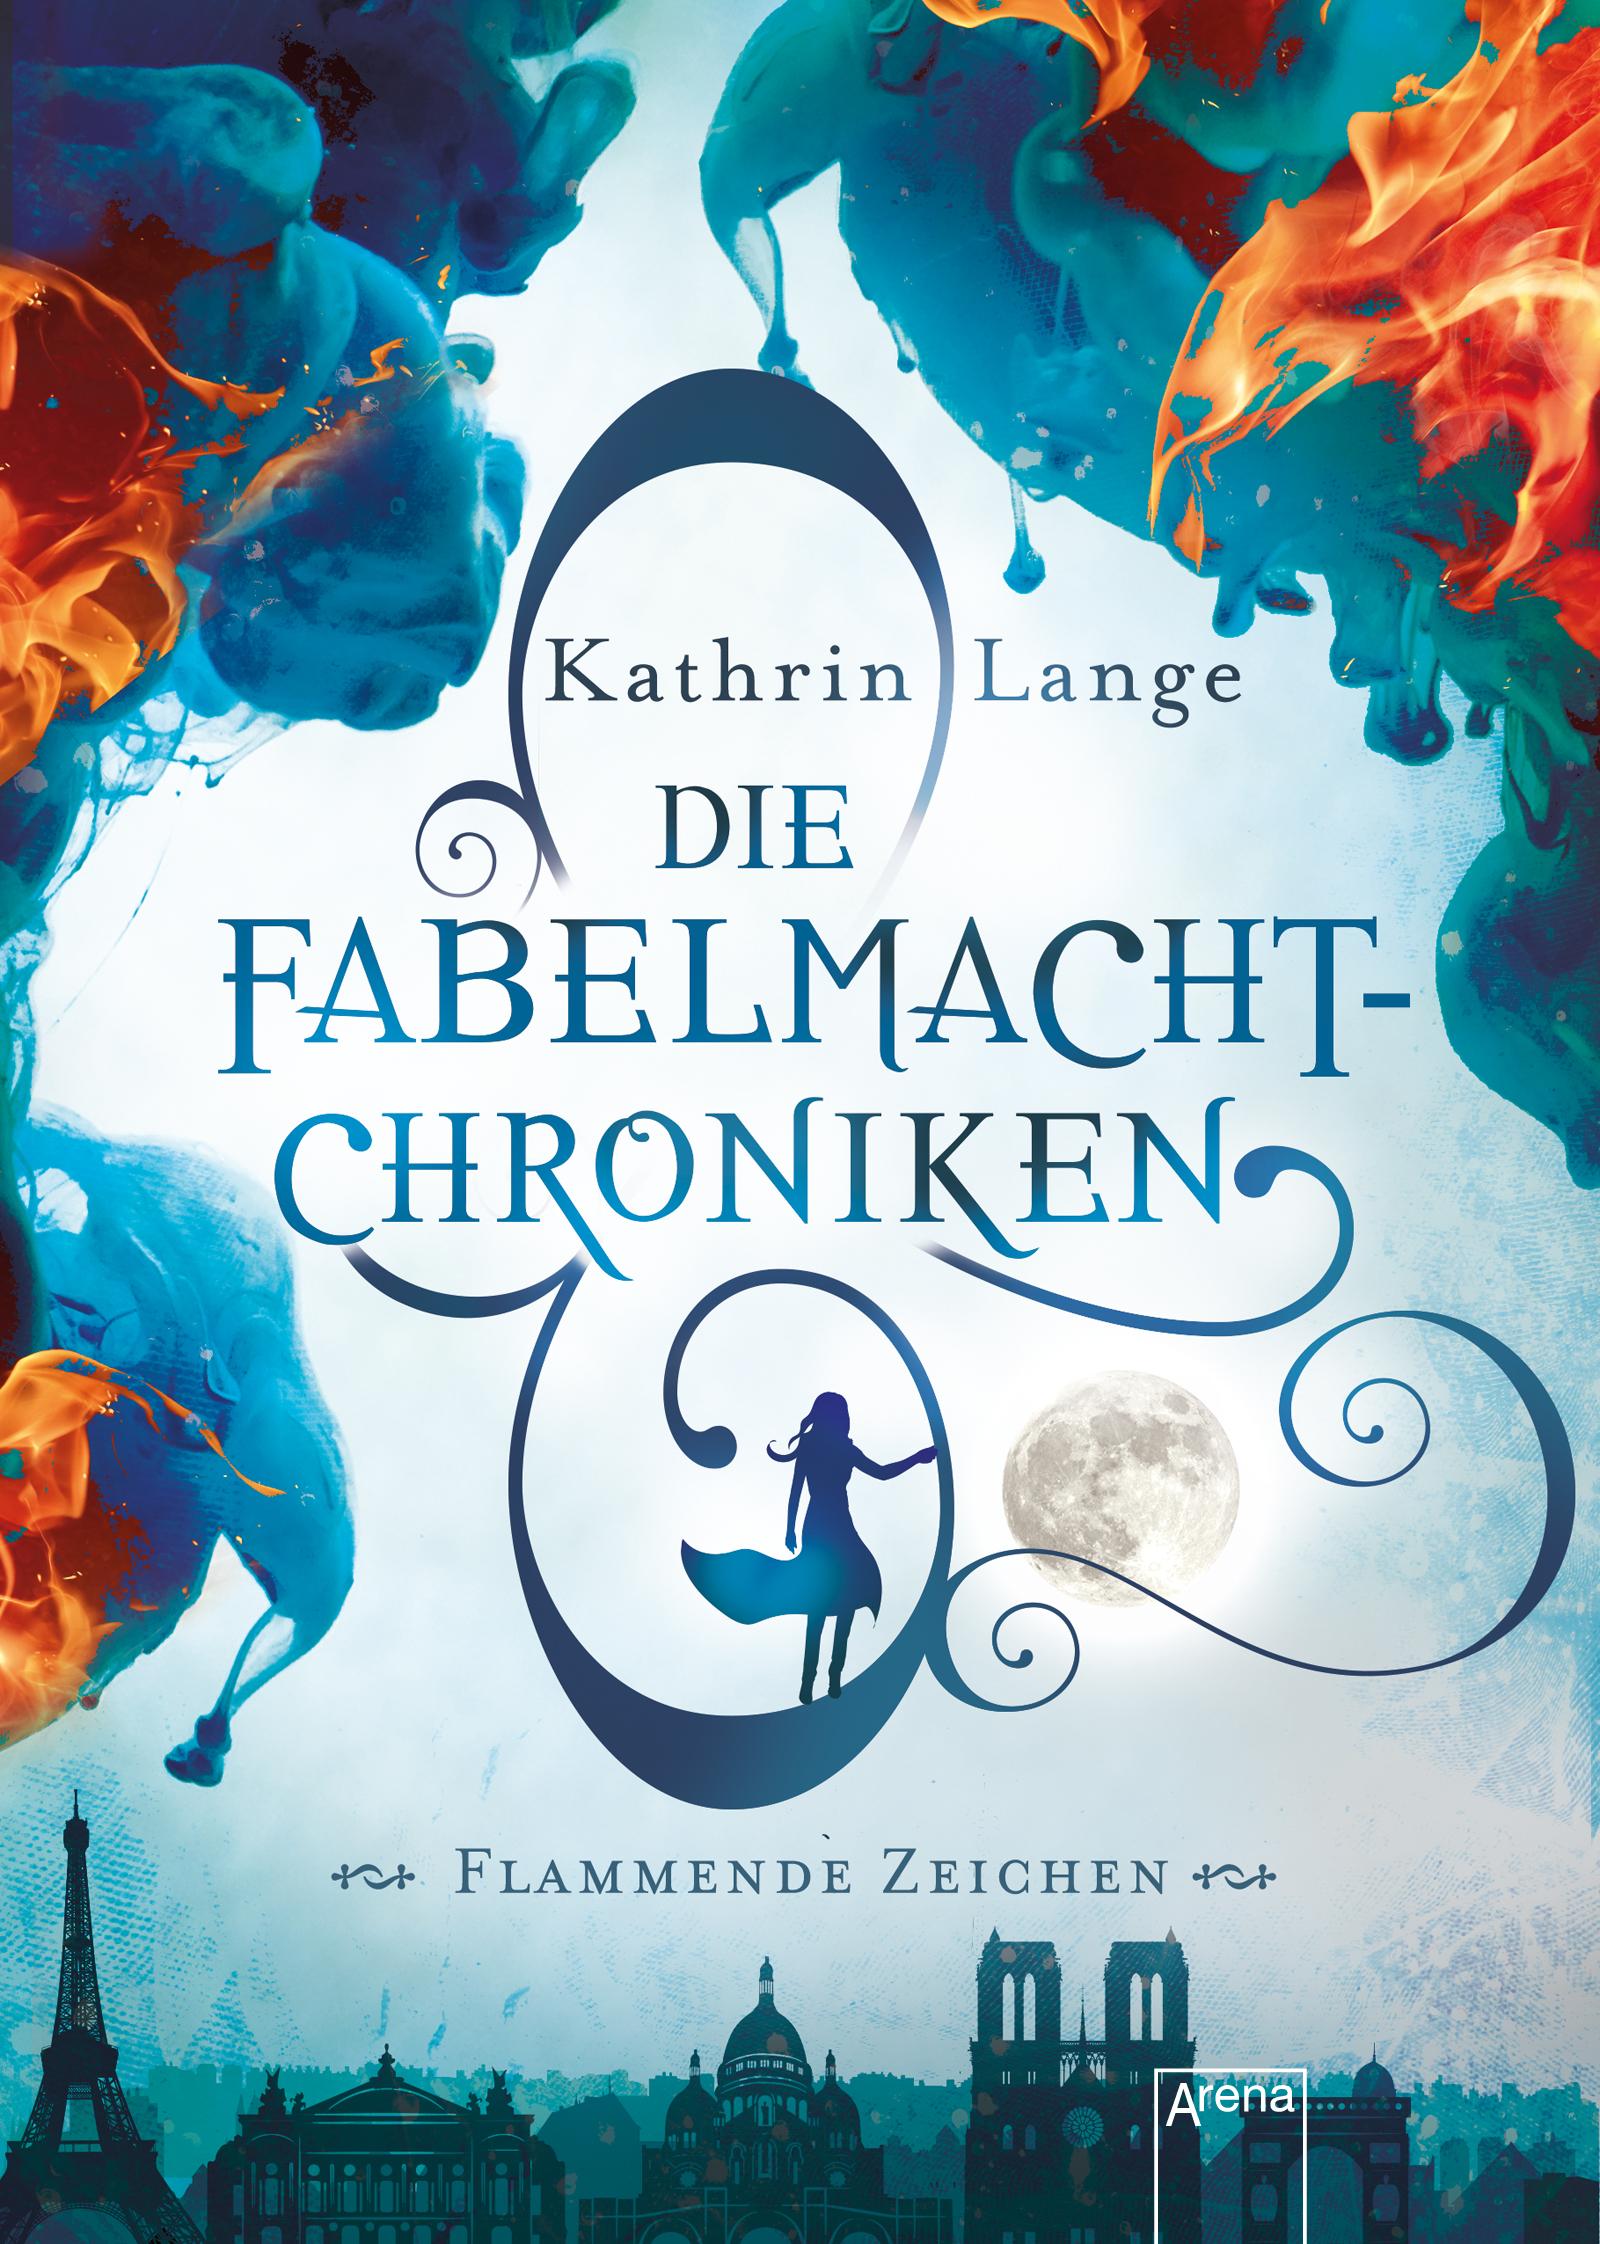 Bildergebnis für Die Fabelmacht – Chroniken – Flammende Zeichen von Kathrin Lange